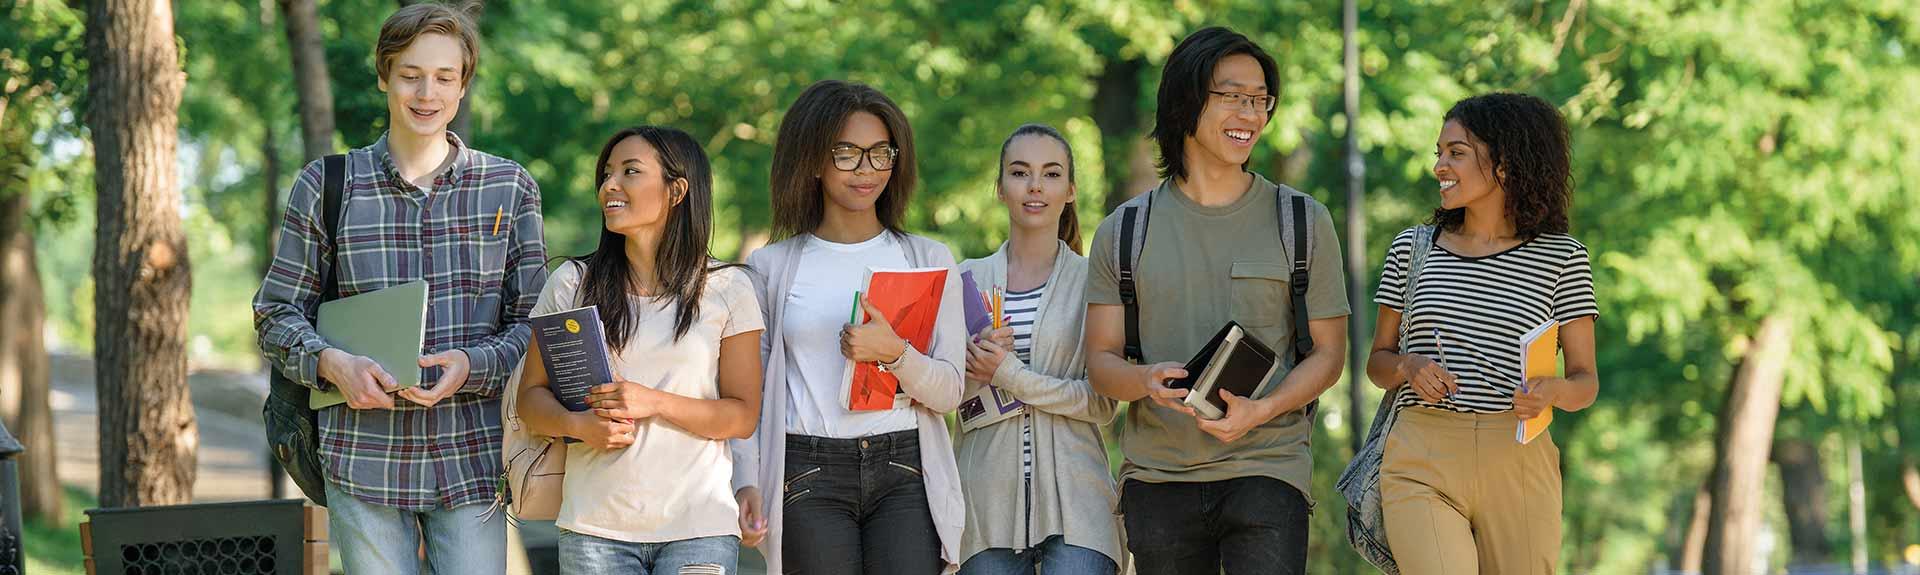 header - étudiants marchant dans un parc en souriant